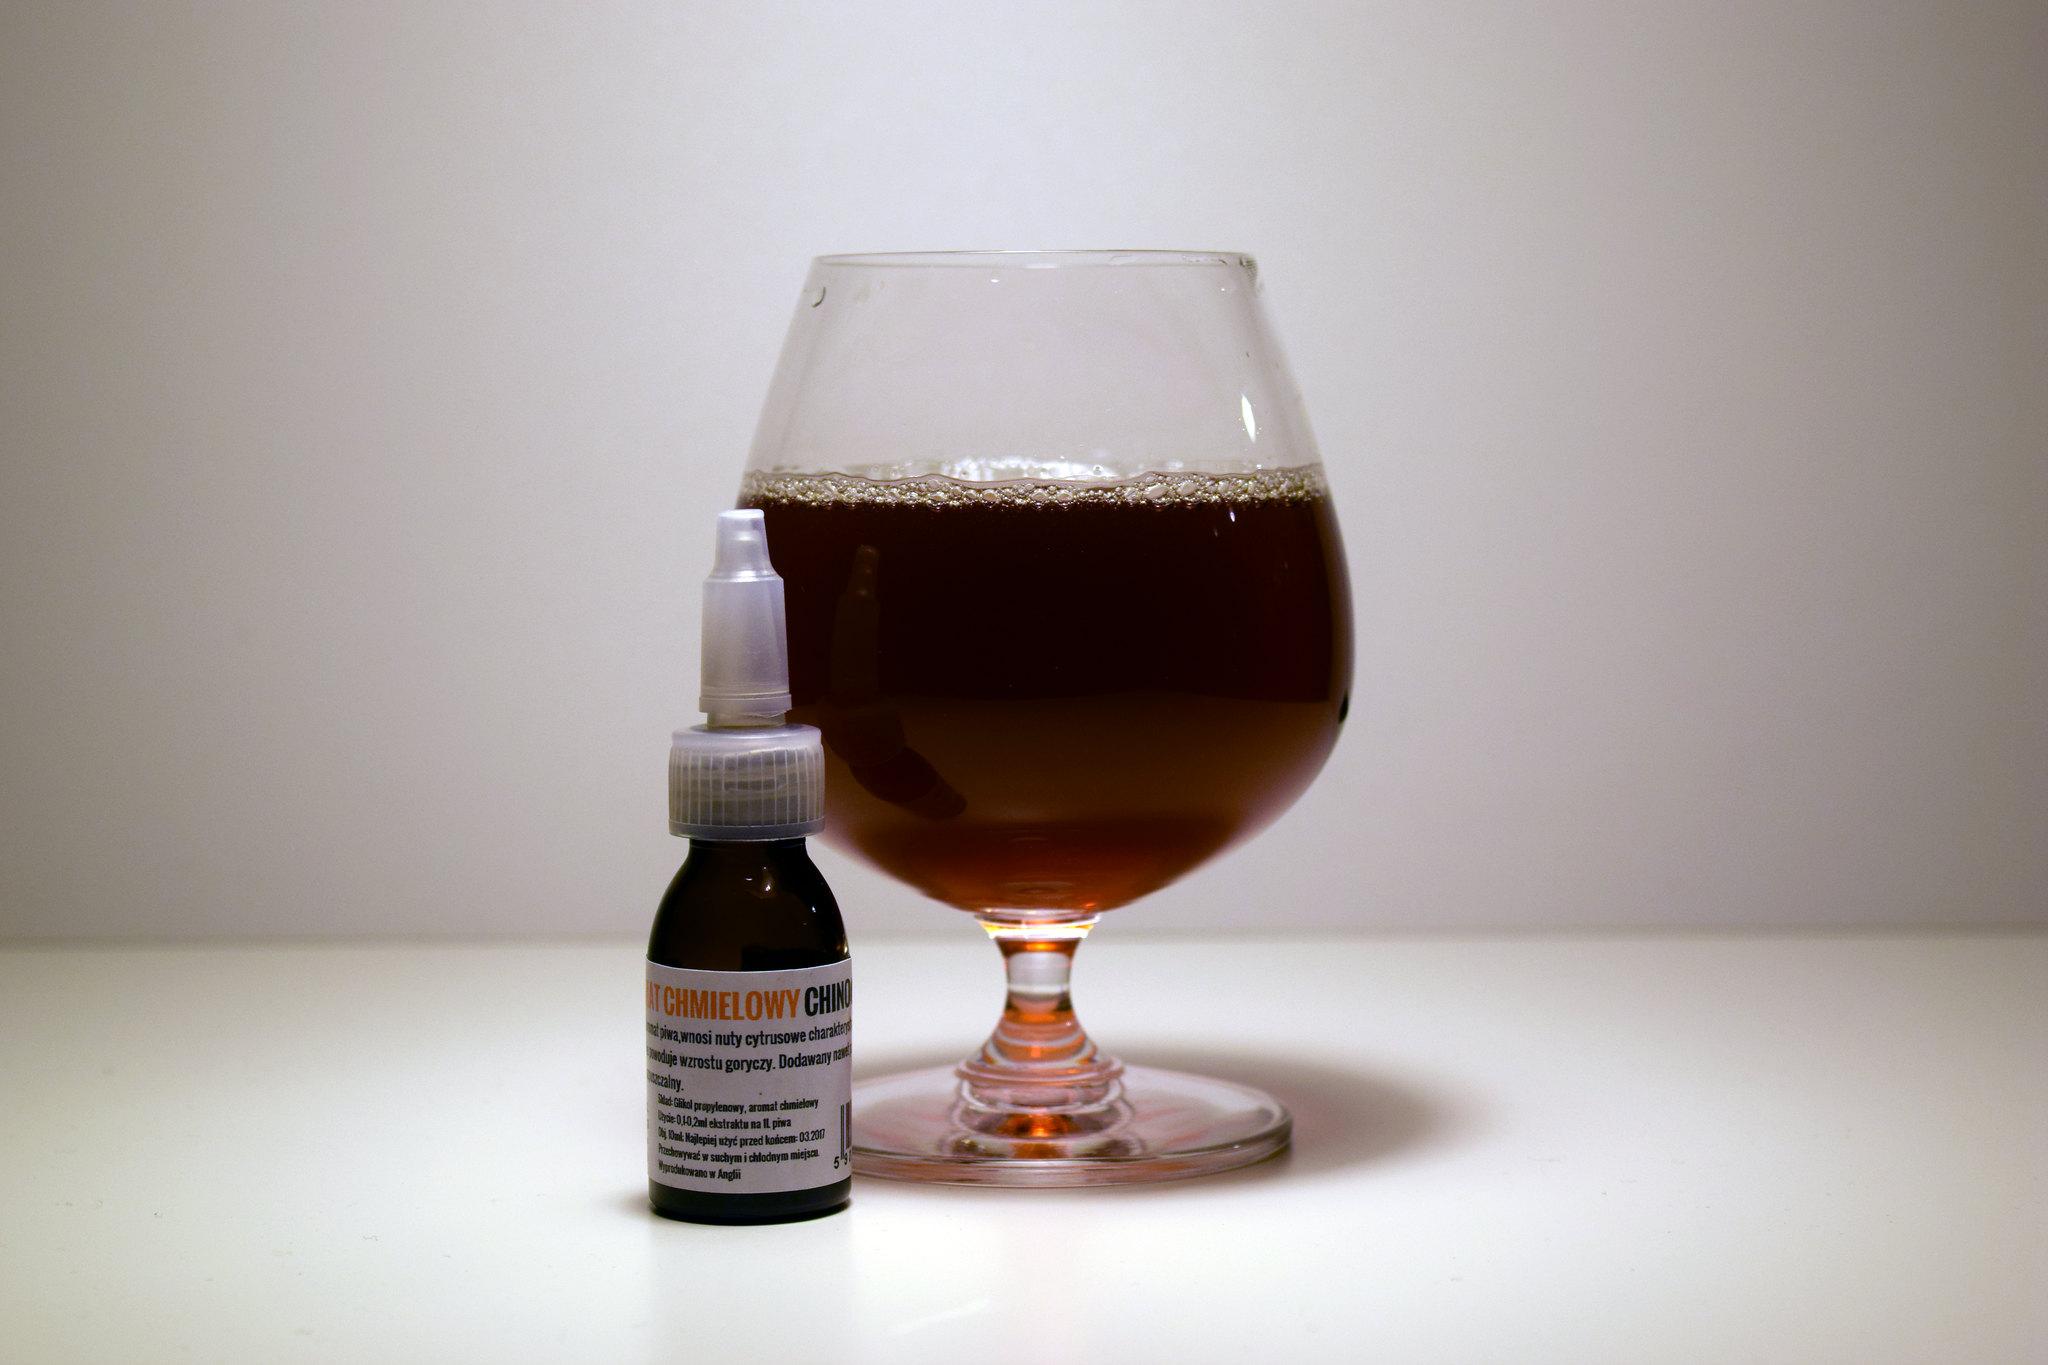 aromat chmielowy w piwie domowym